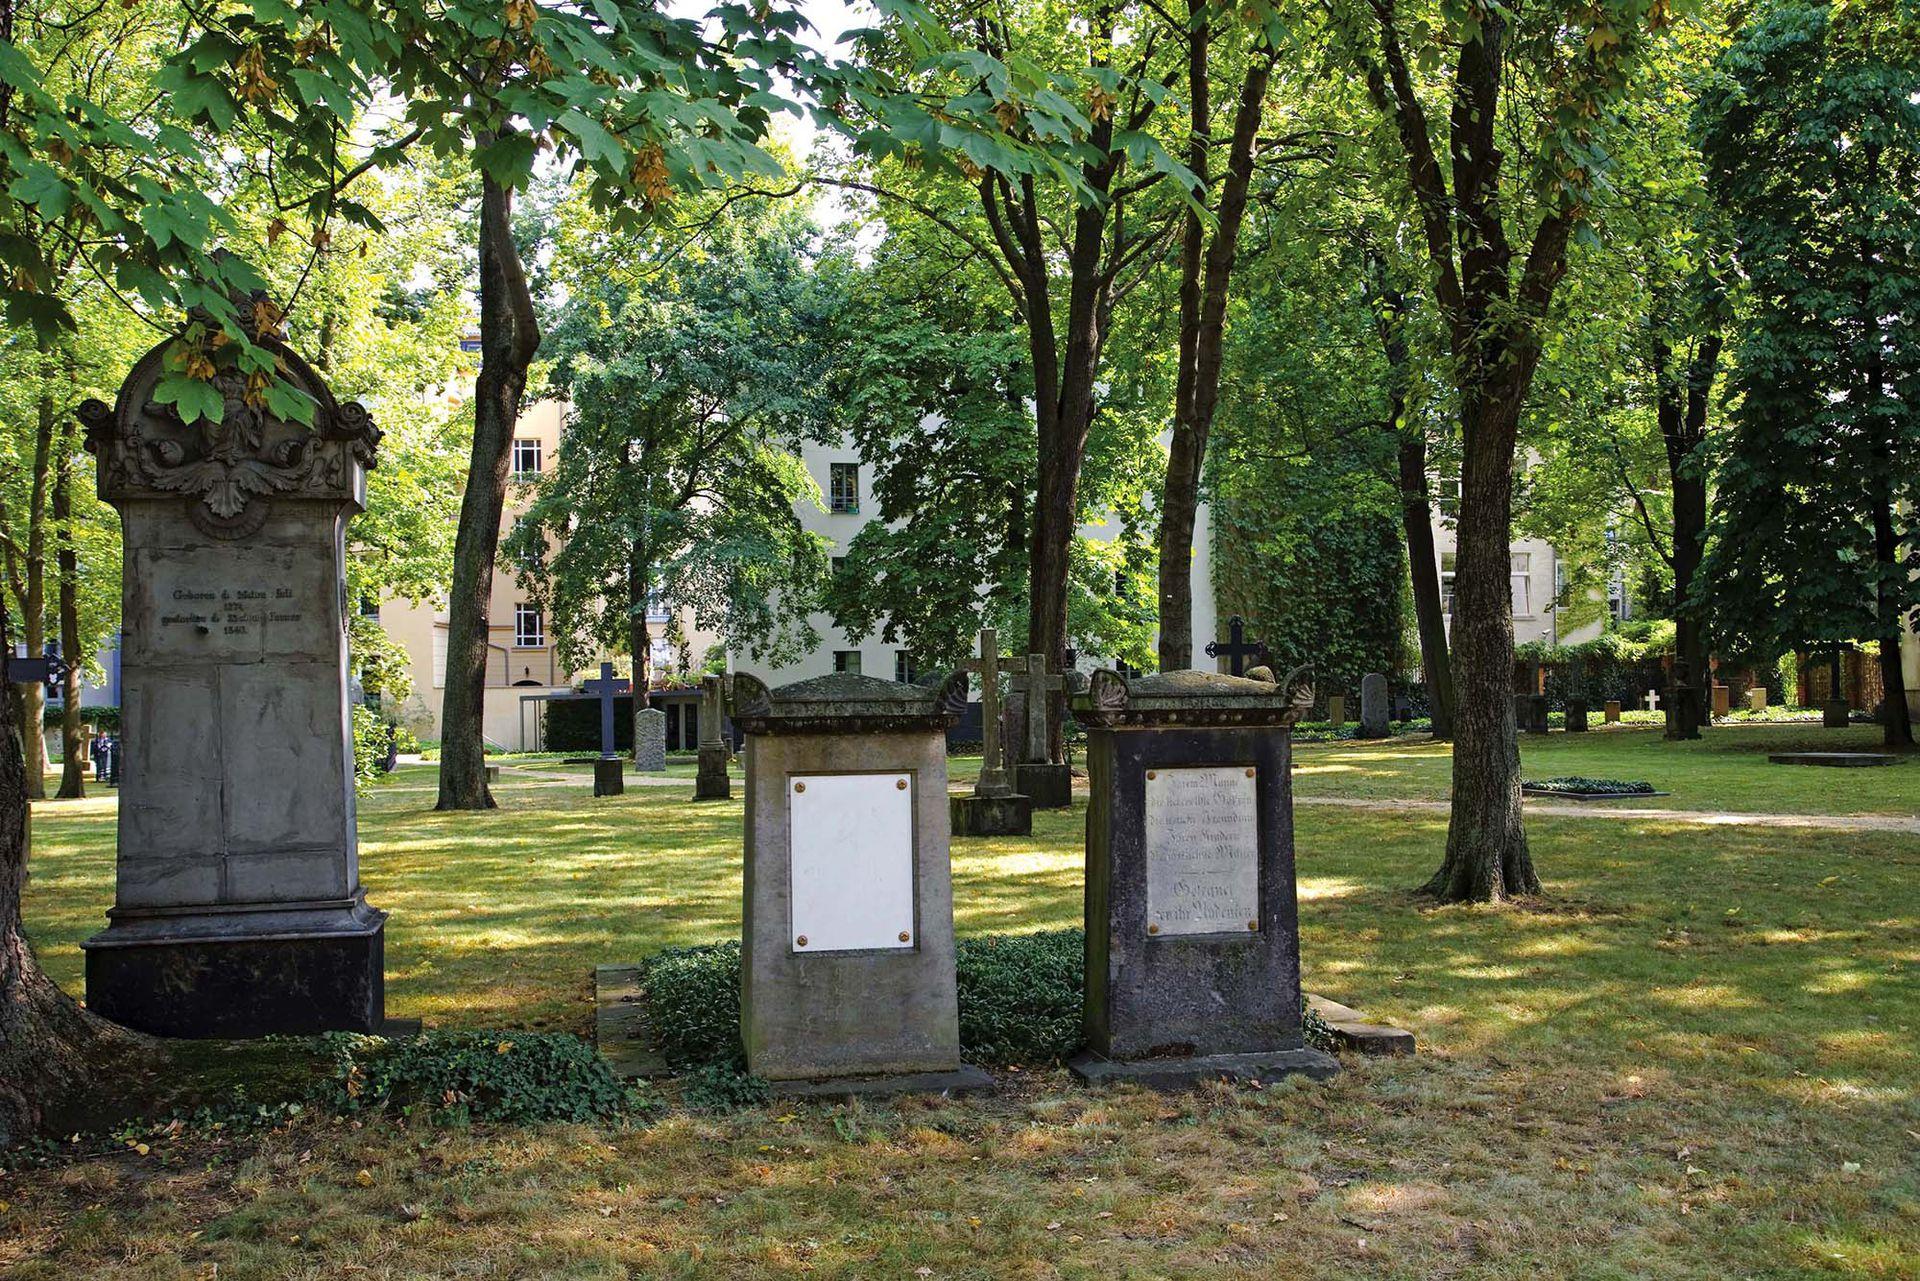 No está en el mapa, pero en la Kleine Rosenthaler Str. está este cementerio con viejos monumento de piedra y árboles gigantescos.